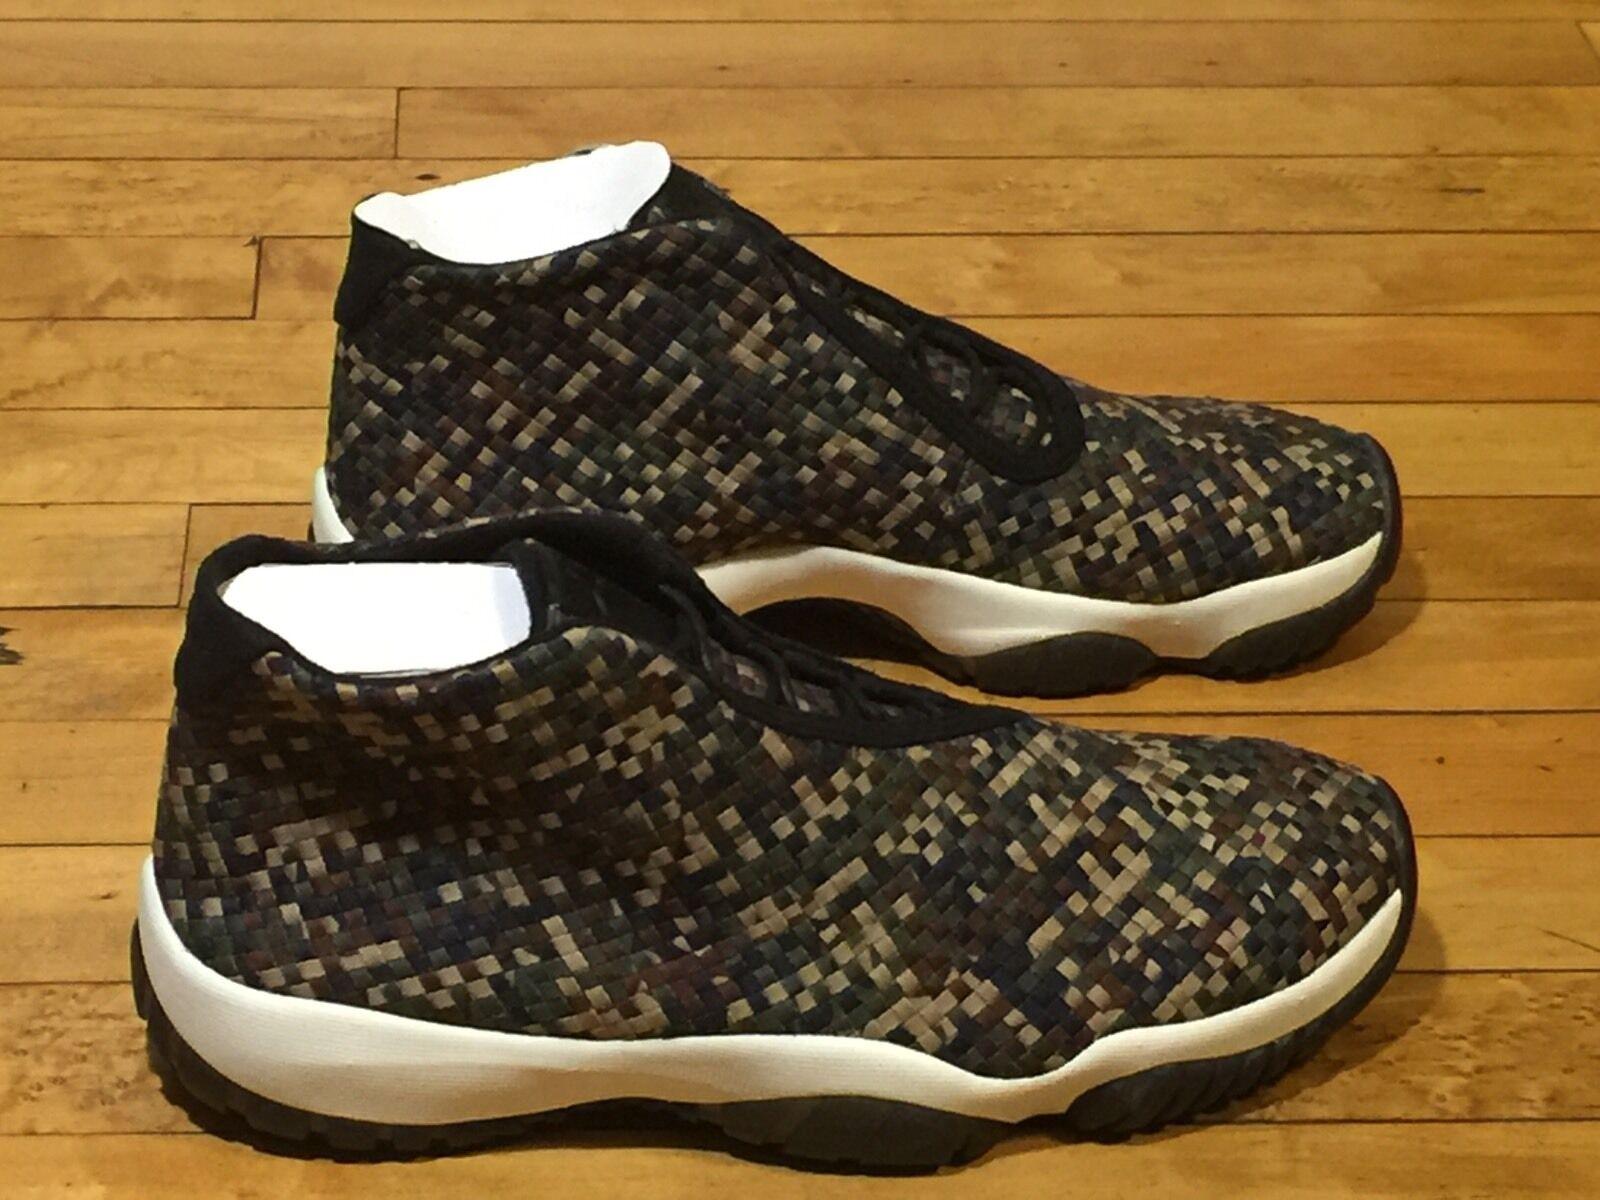 Nike air jordan, futuro premio 652141-301 nero - verde bagliore nero a infrarossi.